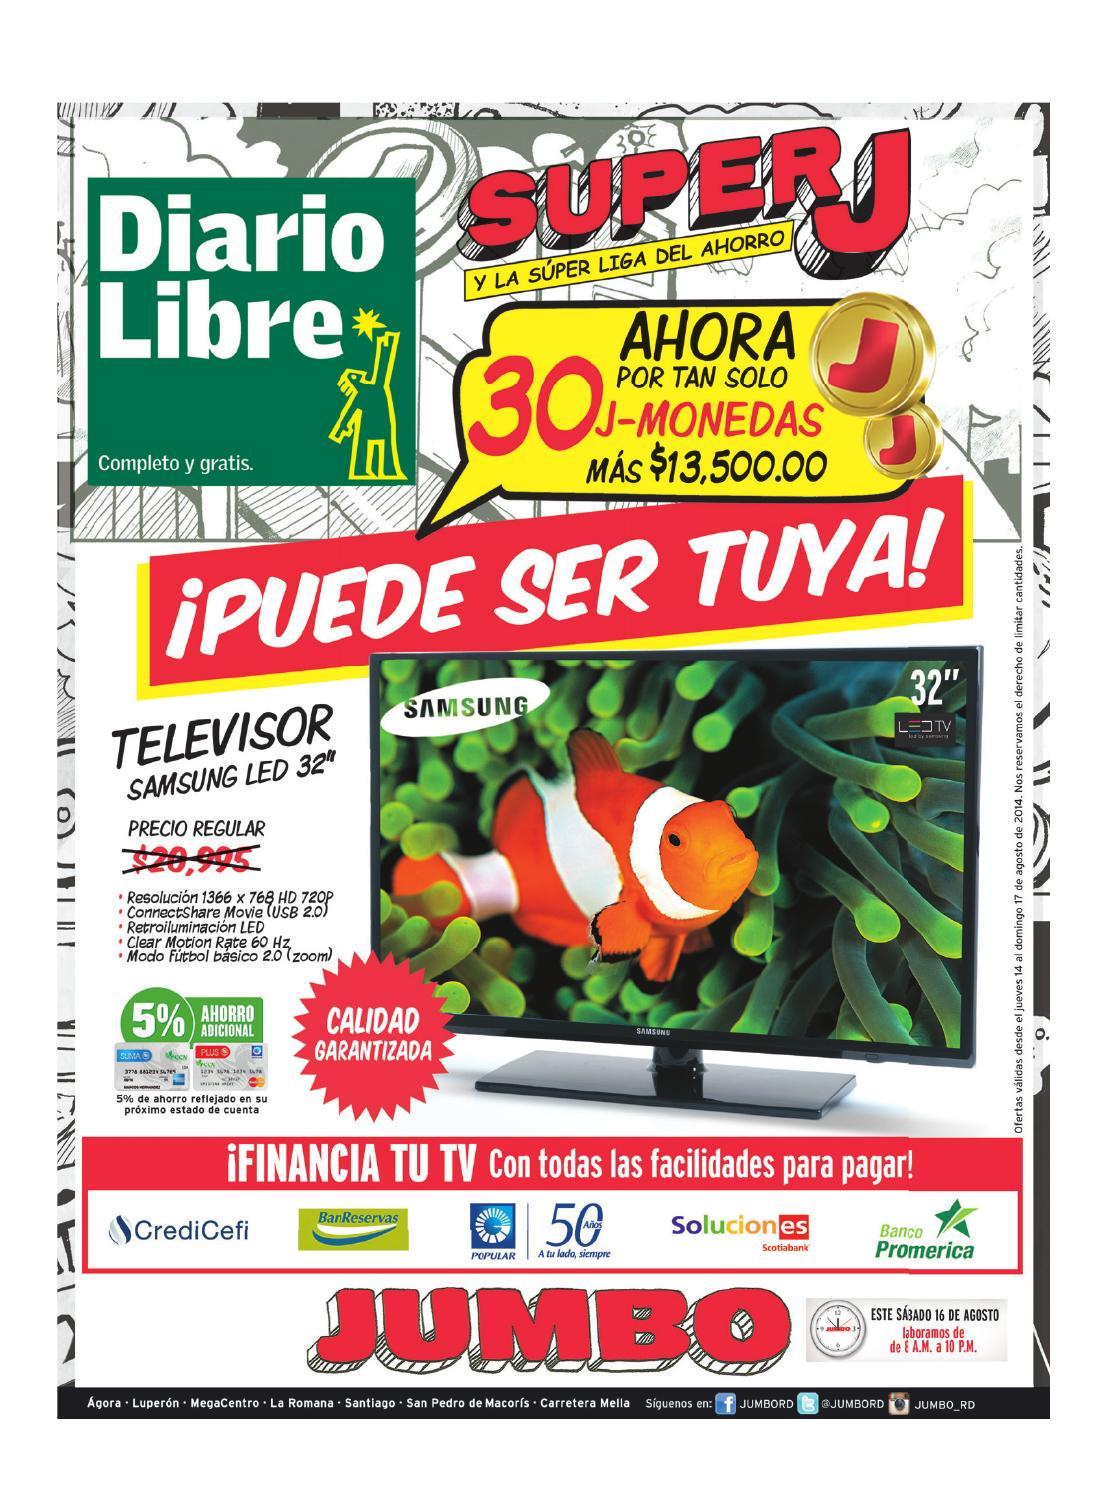 Diariolibre4023 by Grupo Diario Libre, S. A. - issuu